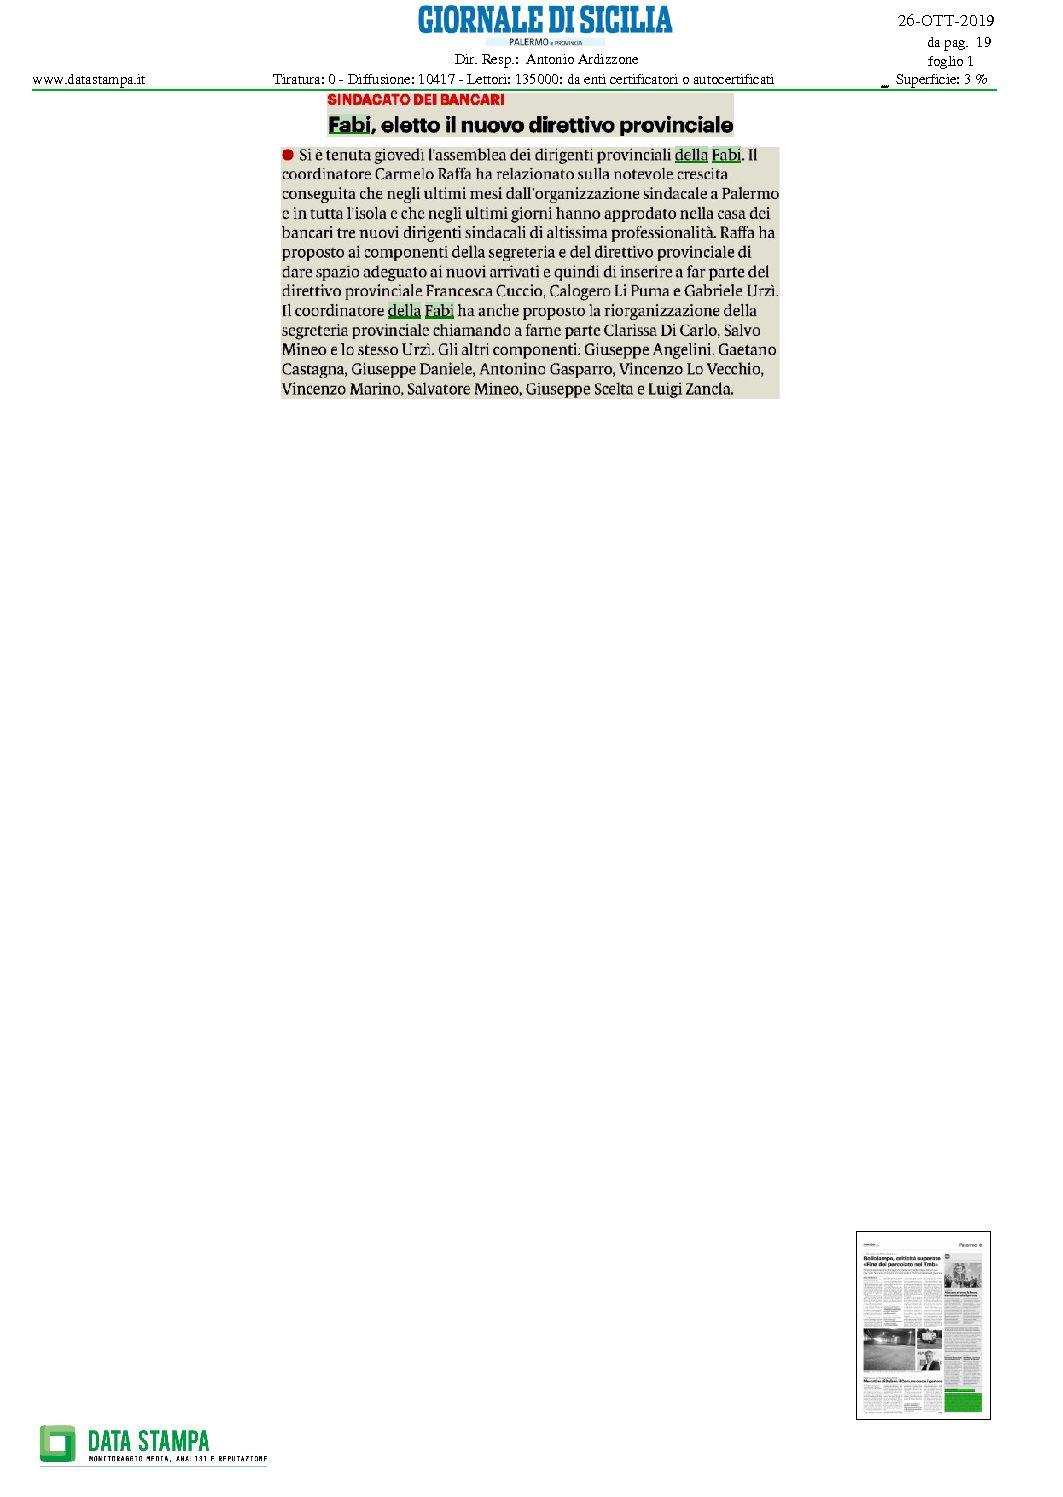 IL.GIORNALE.SICILIA_26102019